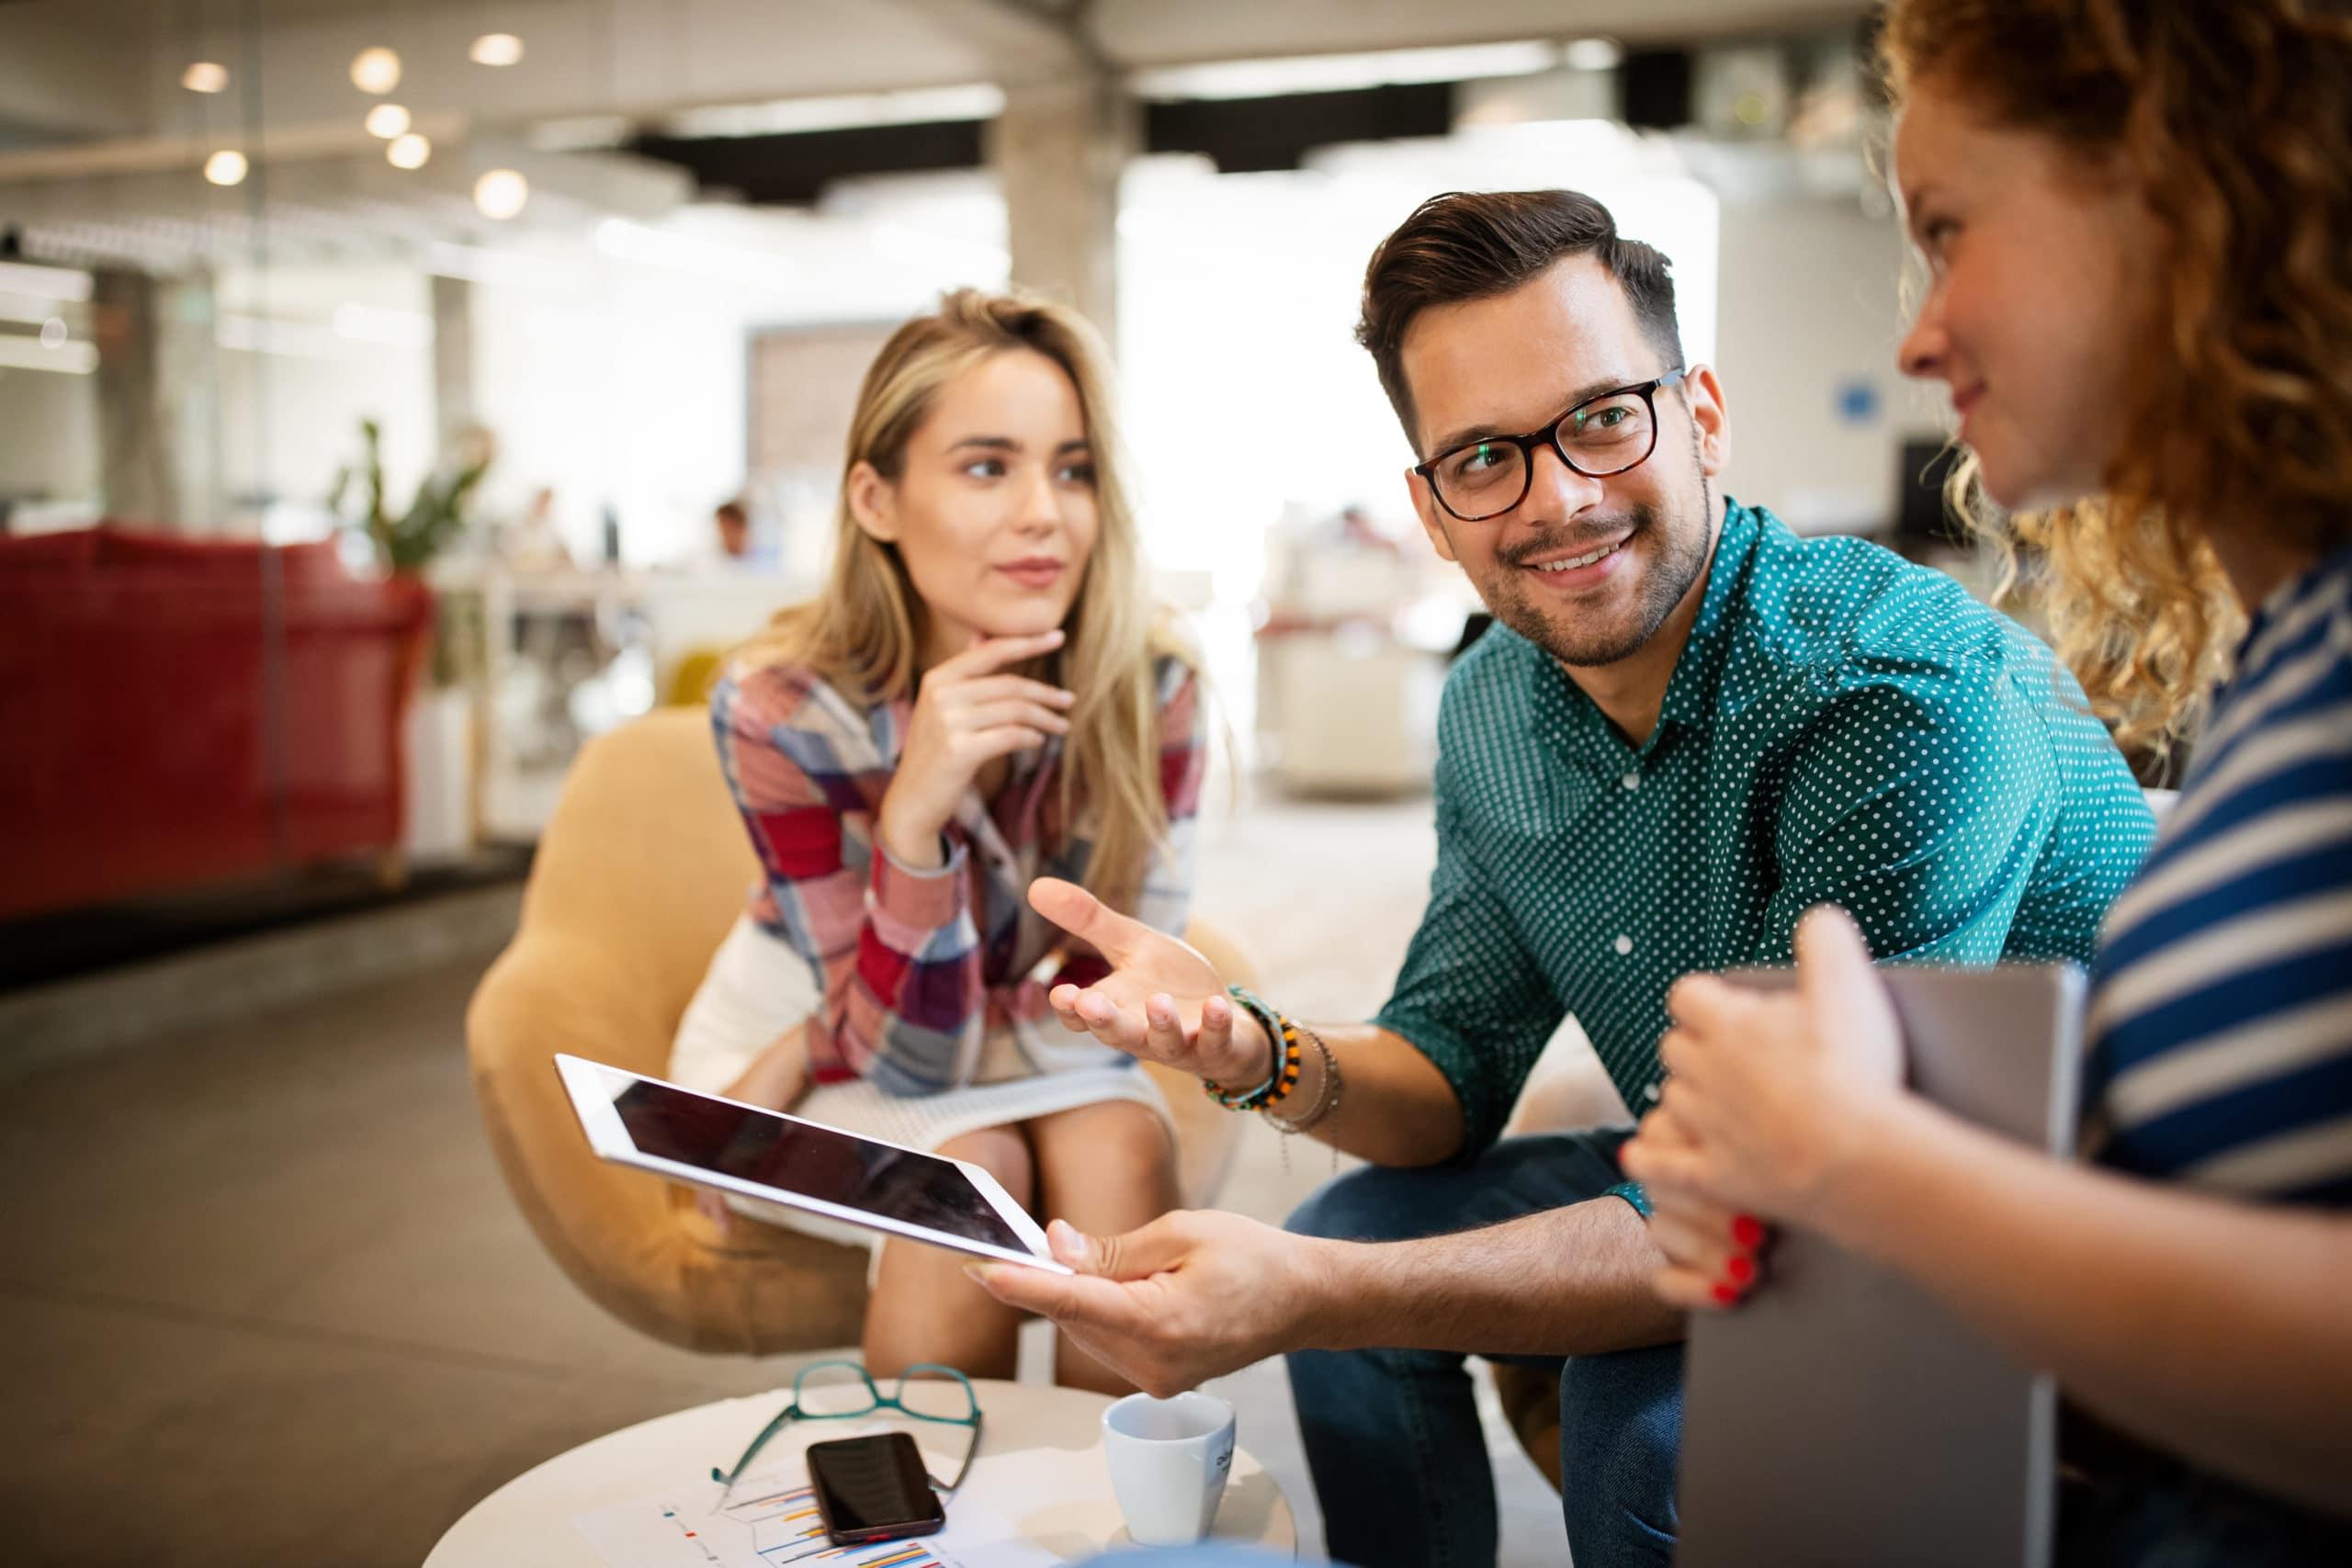 En glad man diskuterar något som finns på en surfplatta med två kvinnliga personer sittandes i kontorsmiljö.